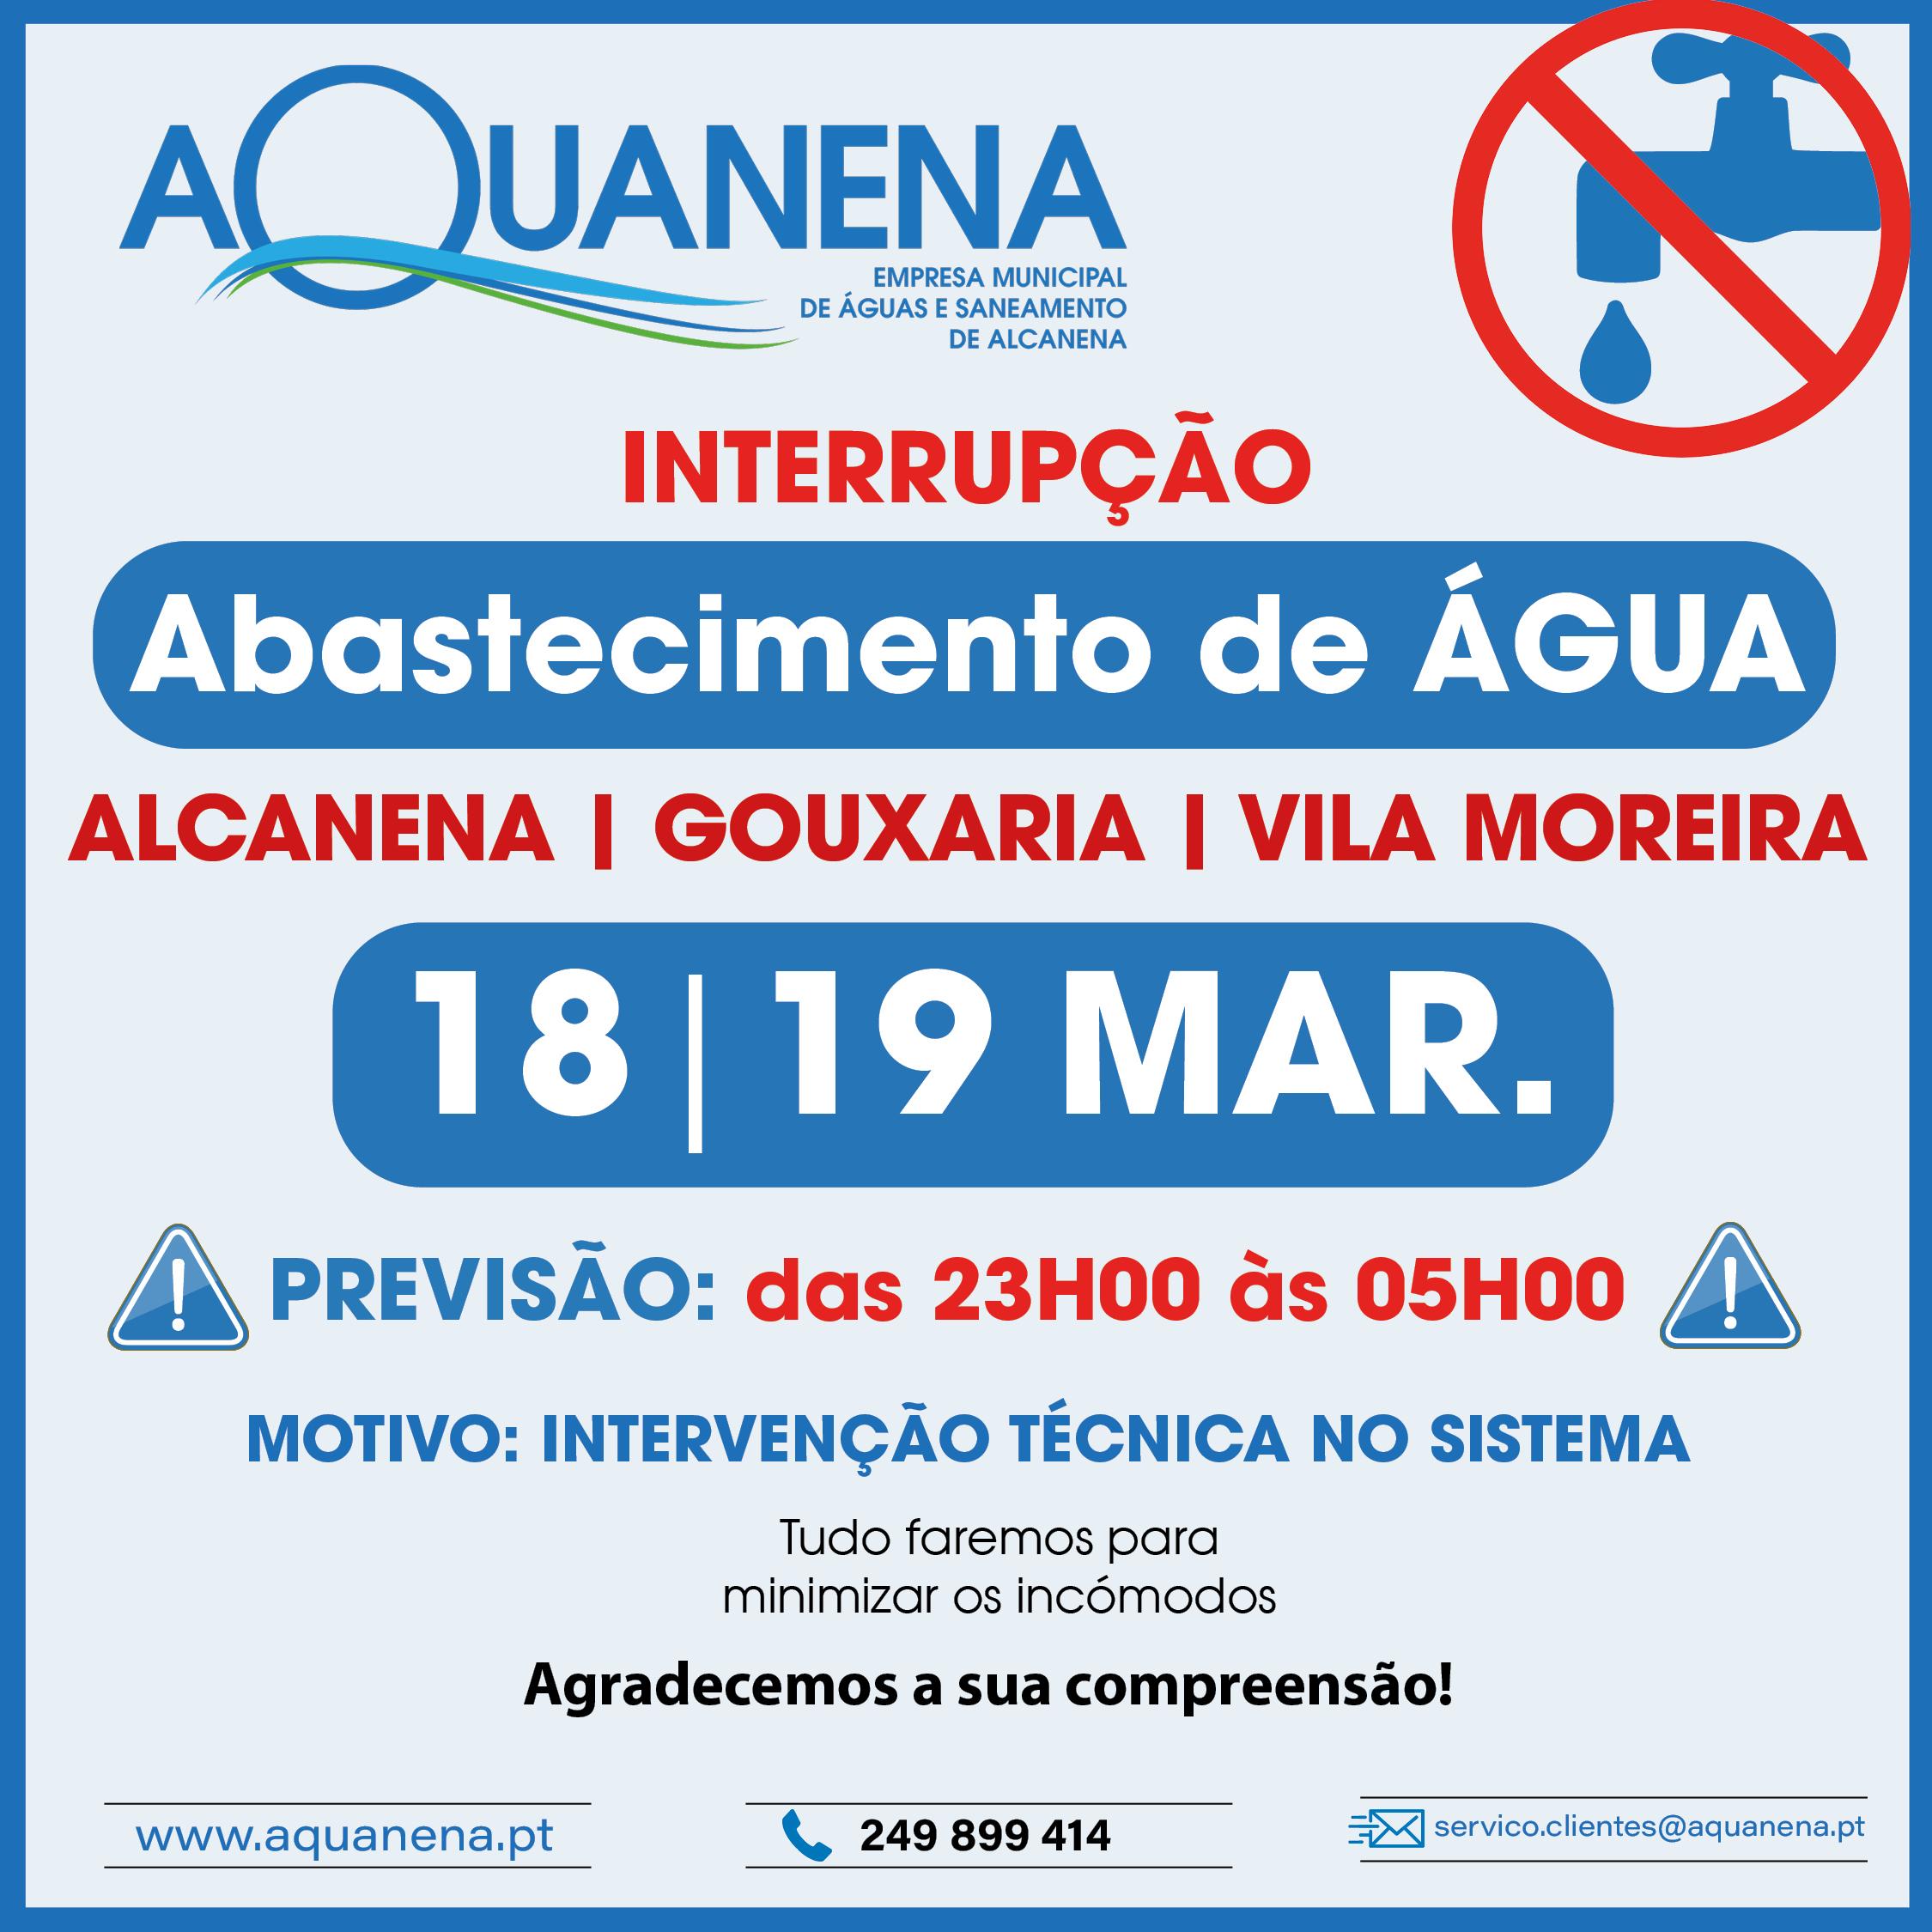 INTERRUPÇÃO de abastecimento de água em ALCANENA | GOUXARIA | VILA MOREIRA | 18-19 MAR